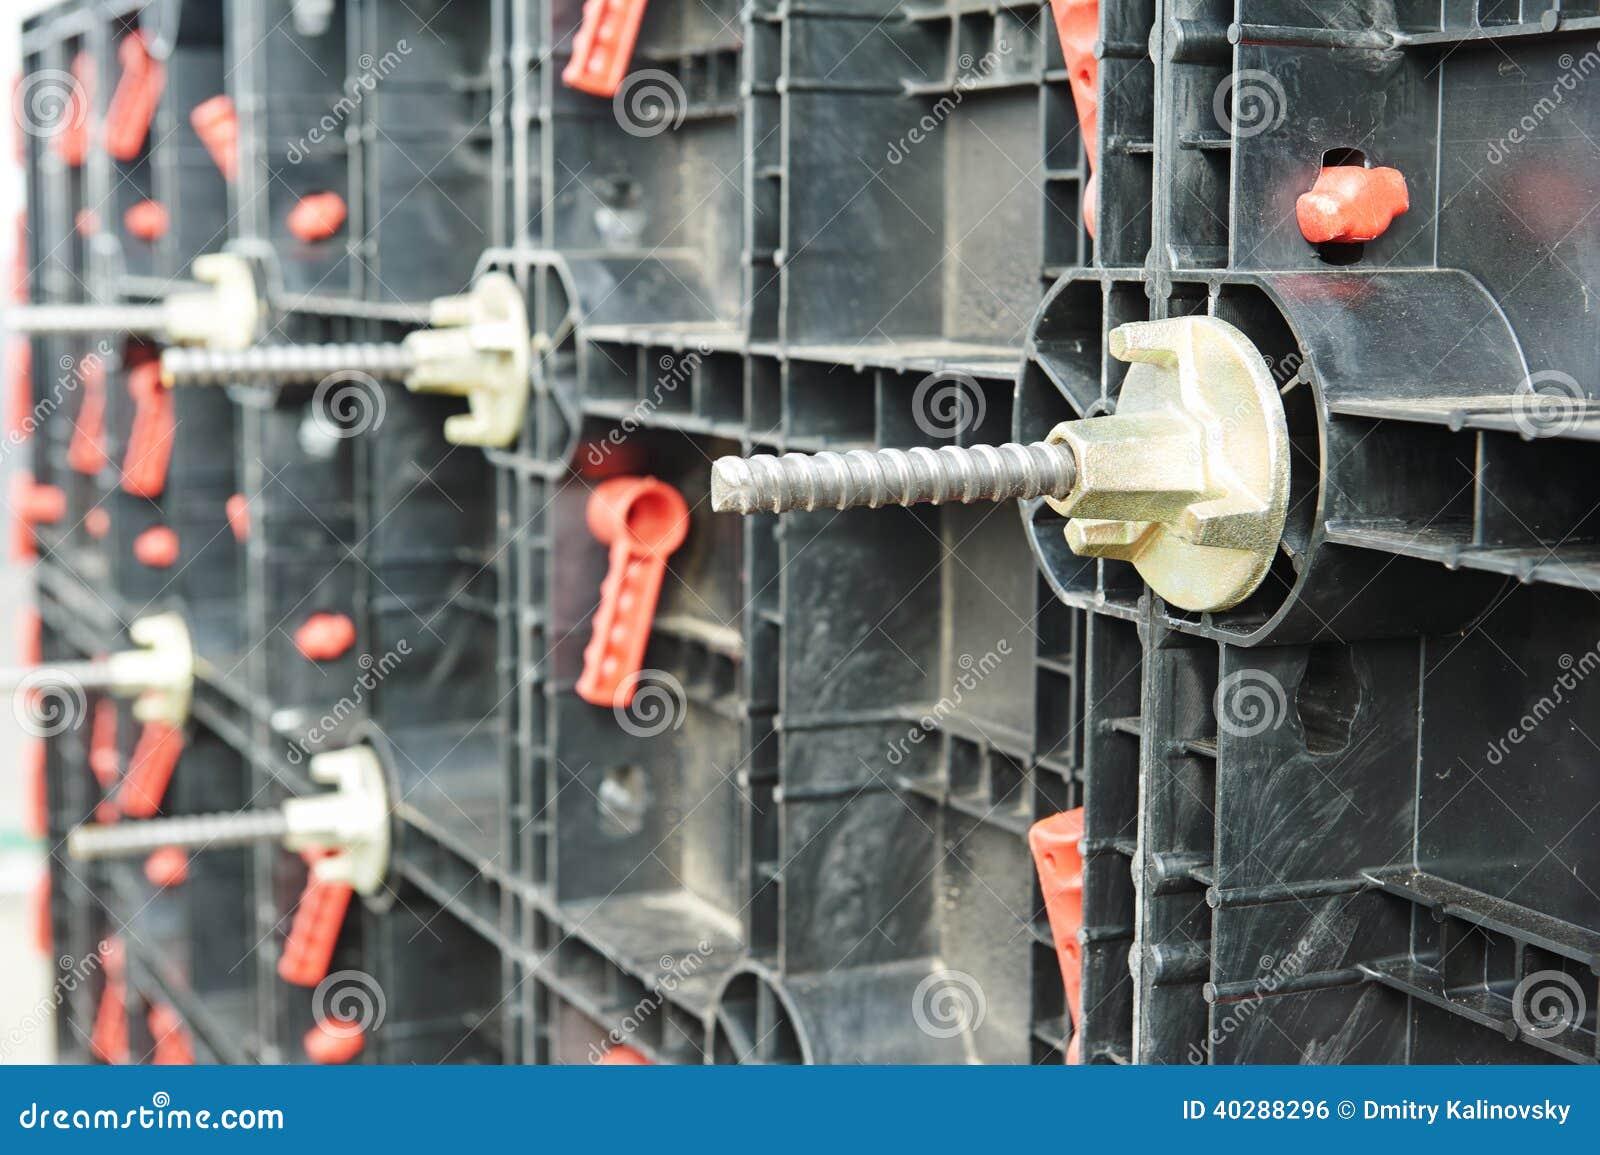 Рамки конструкции для бетона